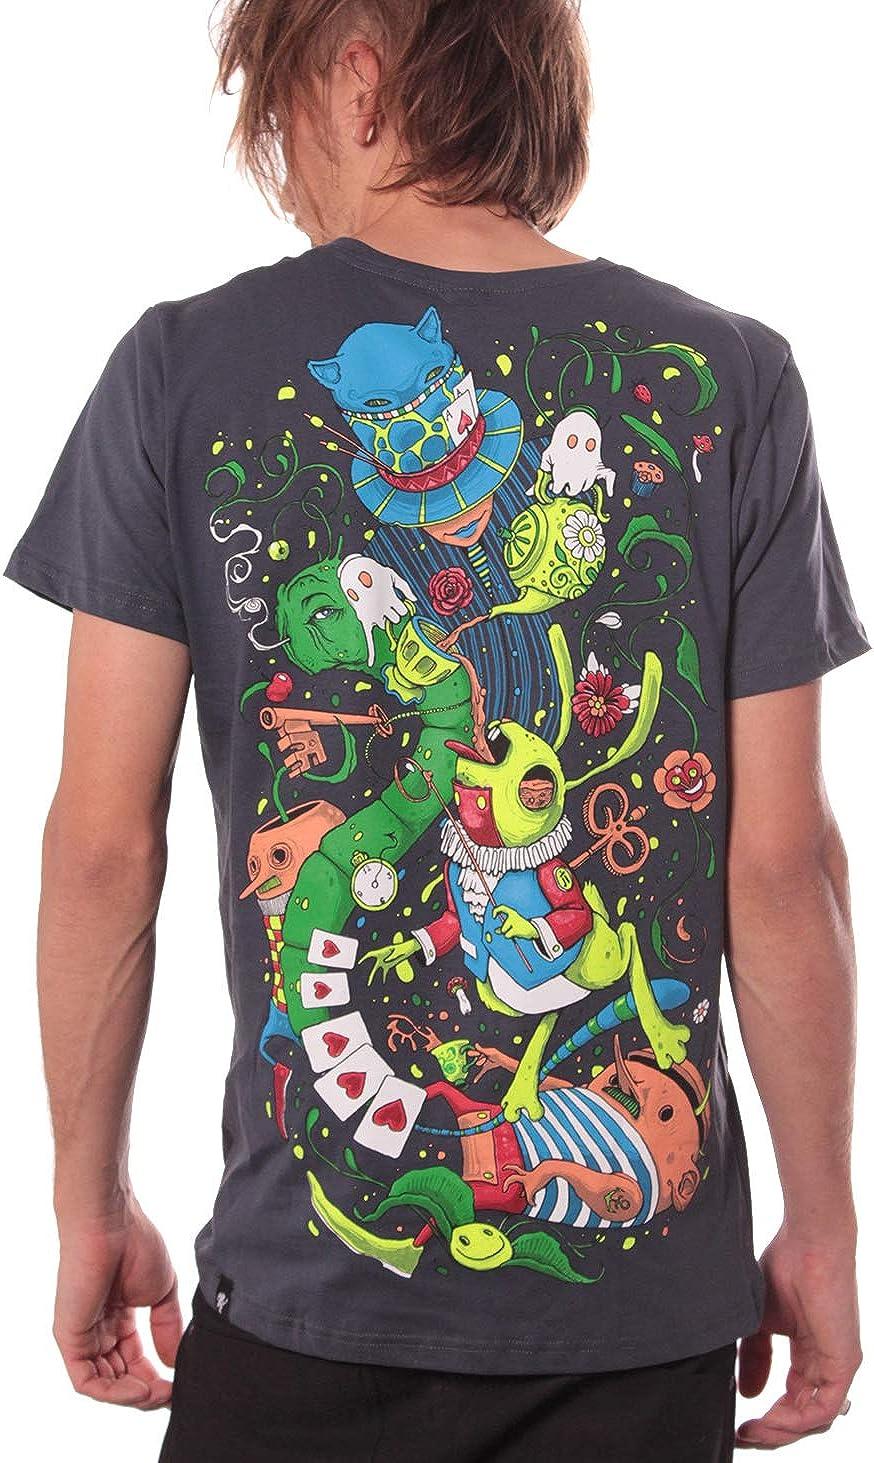 Street Habit Camiseta psicodélica Alicia en el País de Las Maravillas - Ropa Creativa 100% algodón para Hombre: Amazon.es: Ropa y accesorios